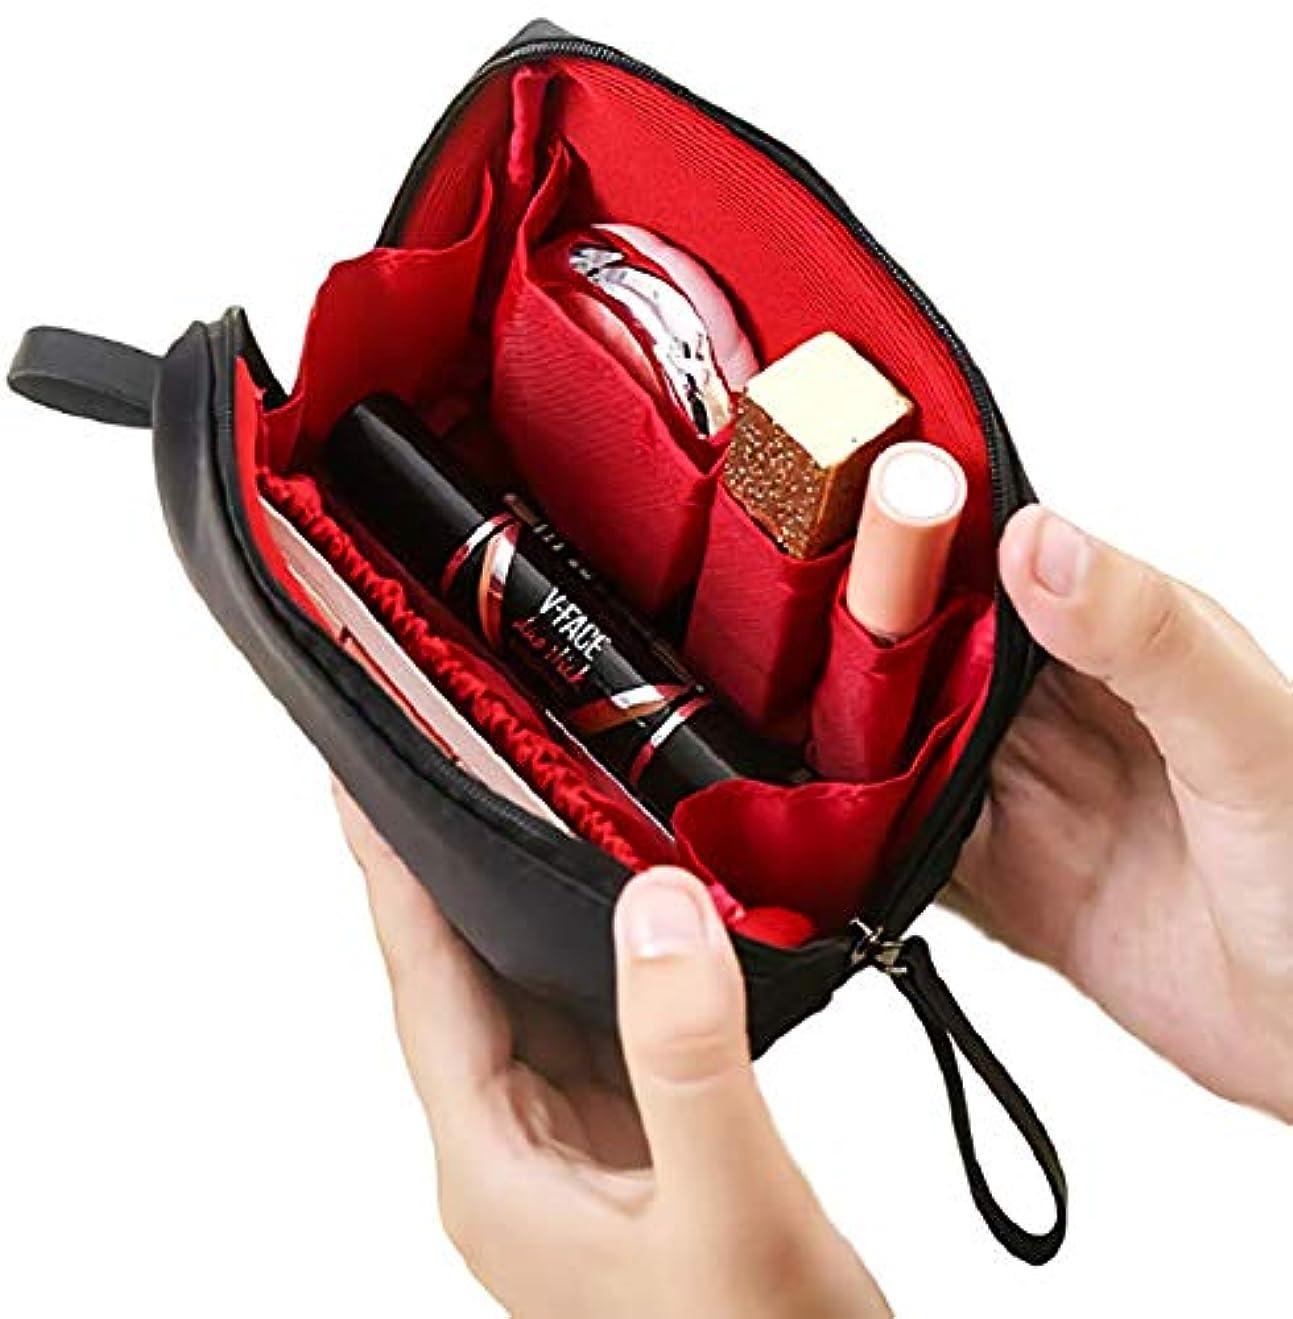 カートンディスク下向き[ウレギッシュ] 化粧ポーチ コンパクト メイクポーチ 化粧品 化粧道具 収納 バッグ (ブラック in レッド)